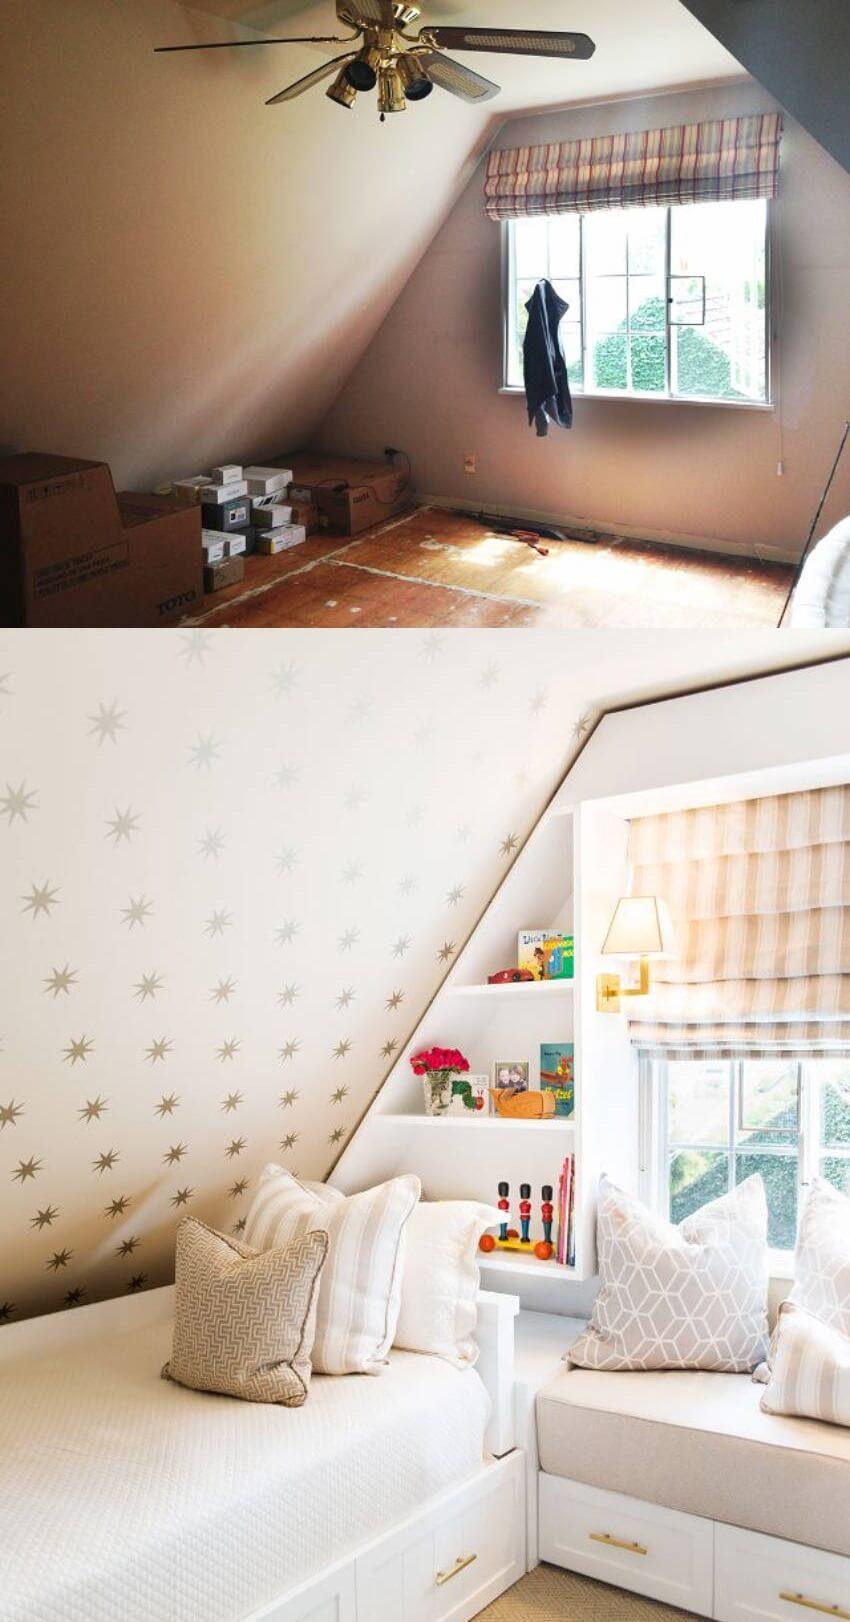 Make the attic useful!